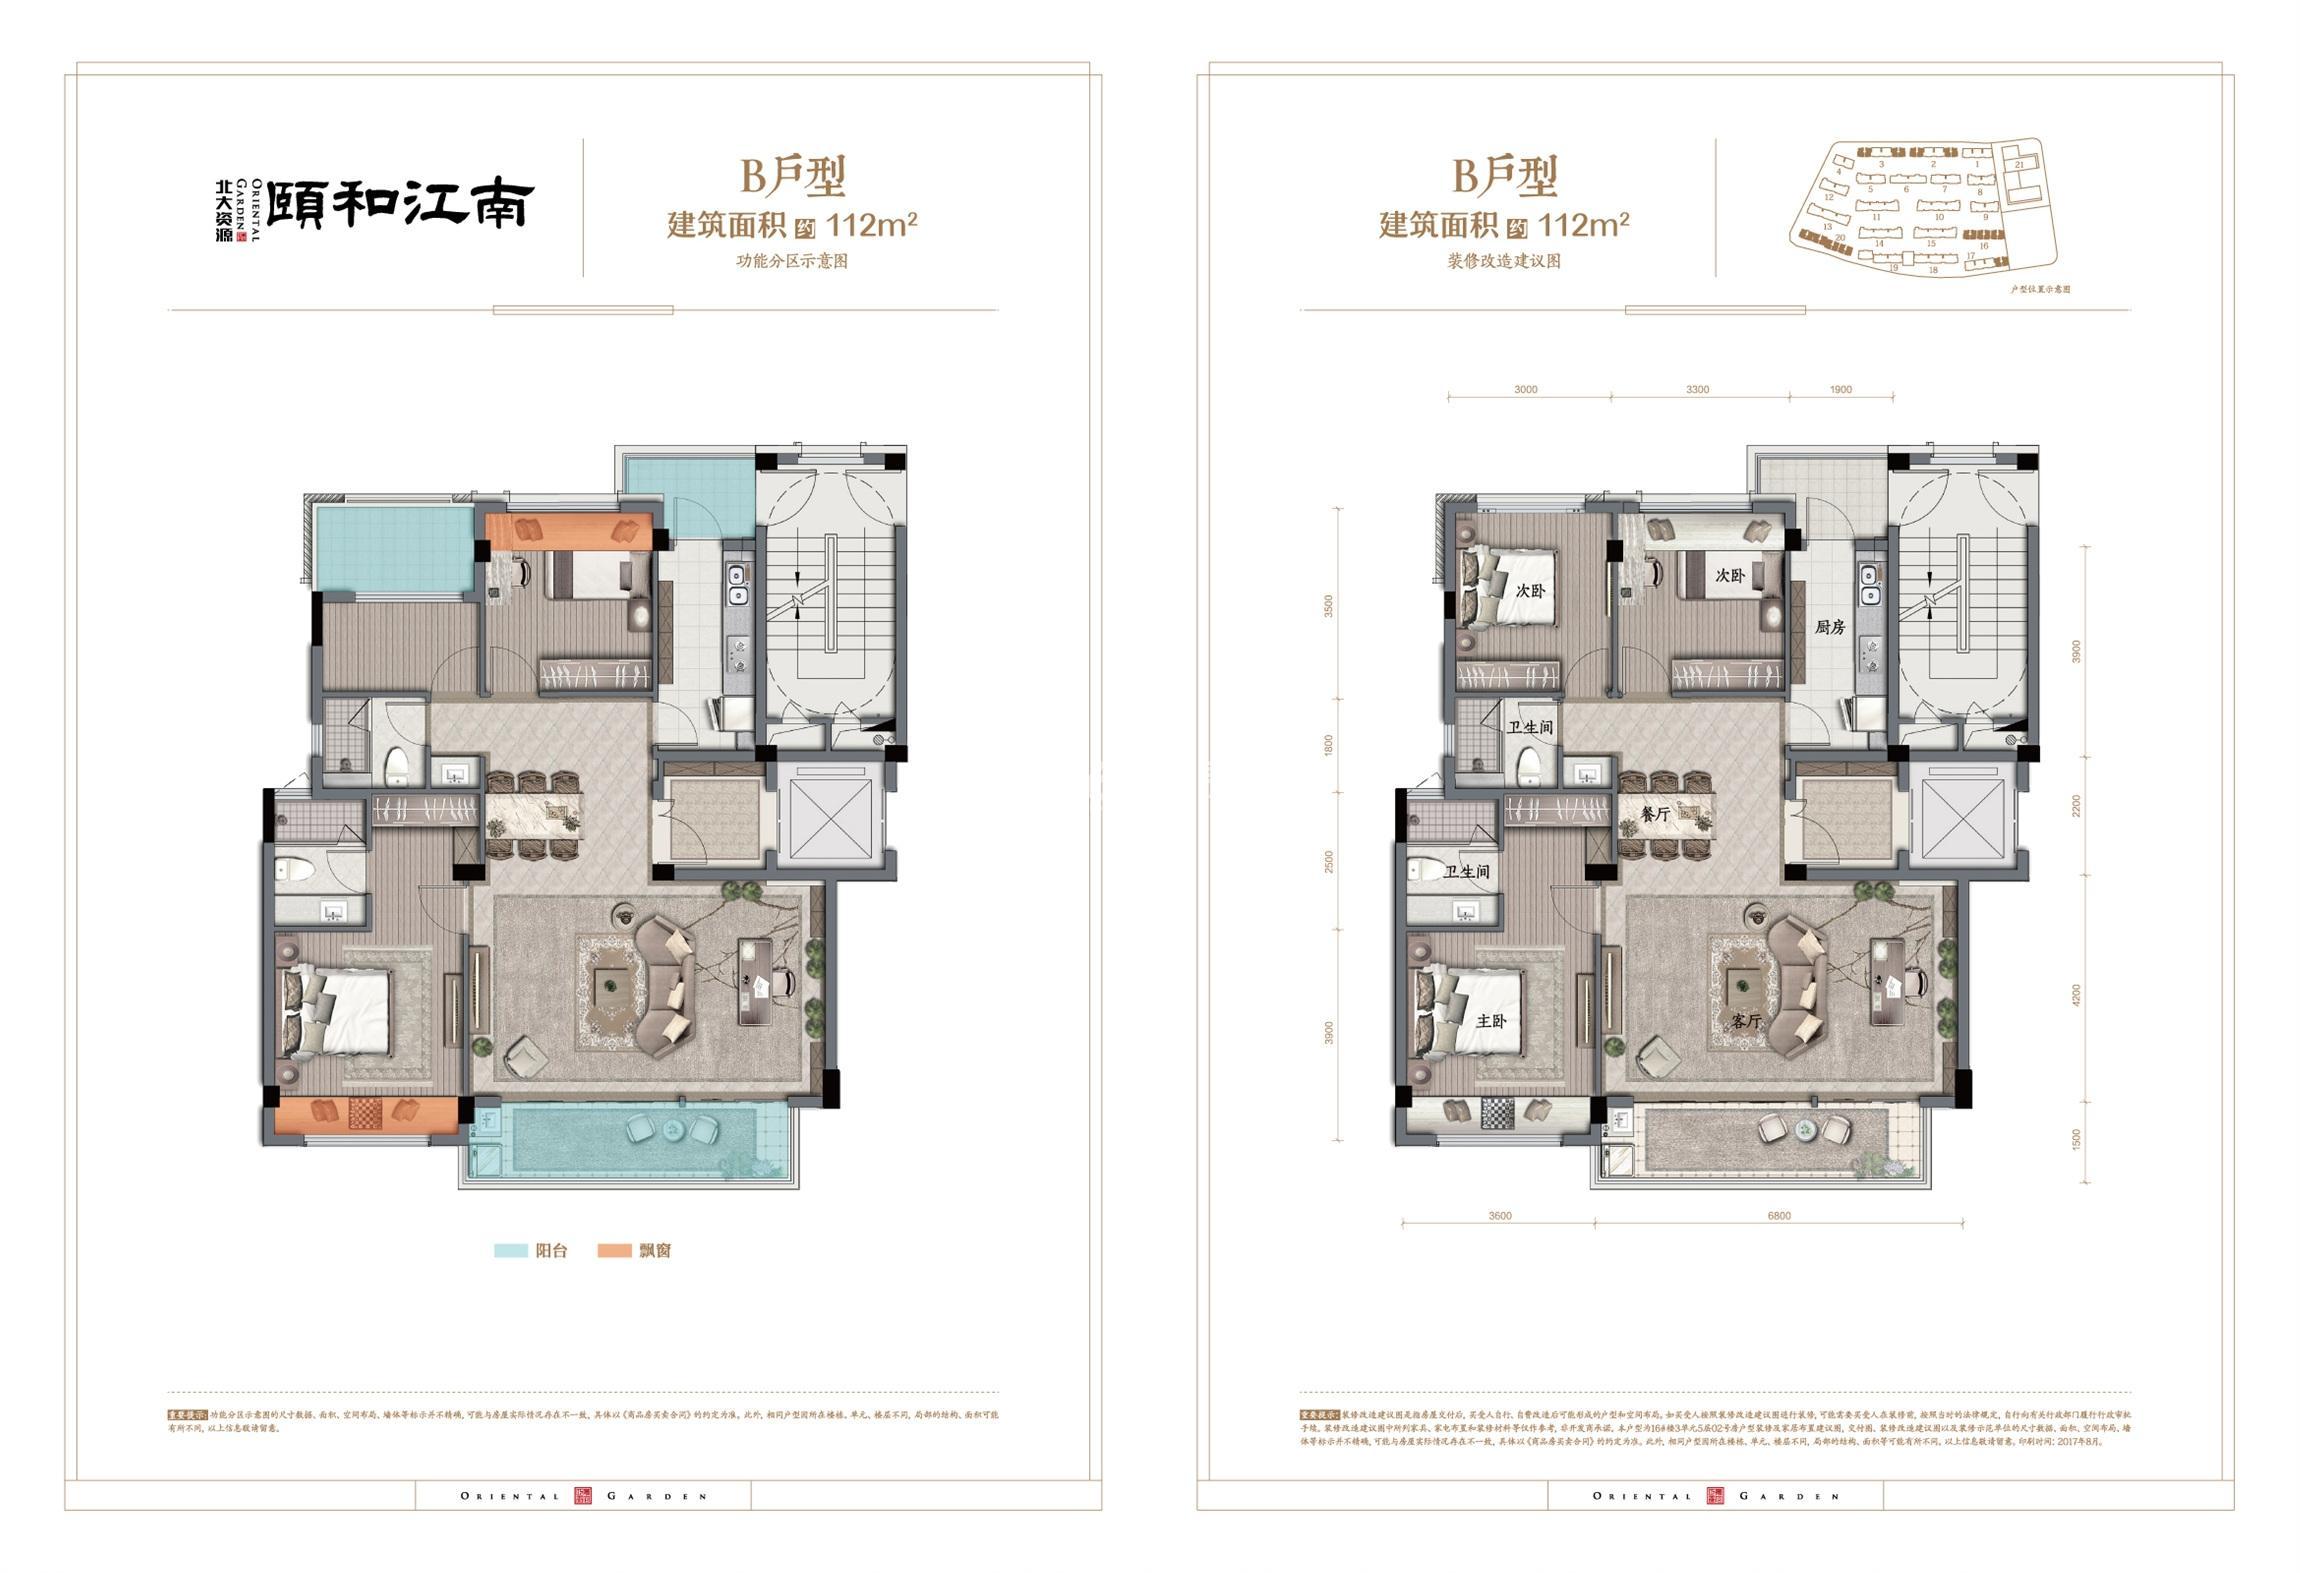 北大资源颐和江南洋房2、3、17号楼边套和16、20号楼B户型 112㎡